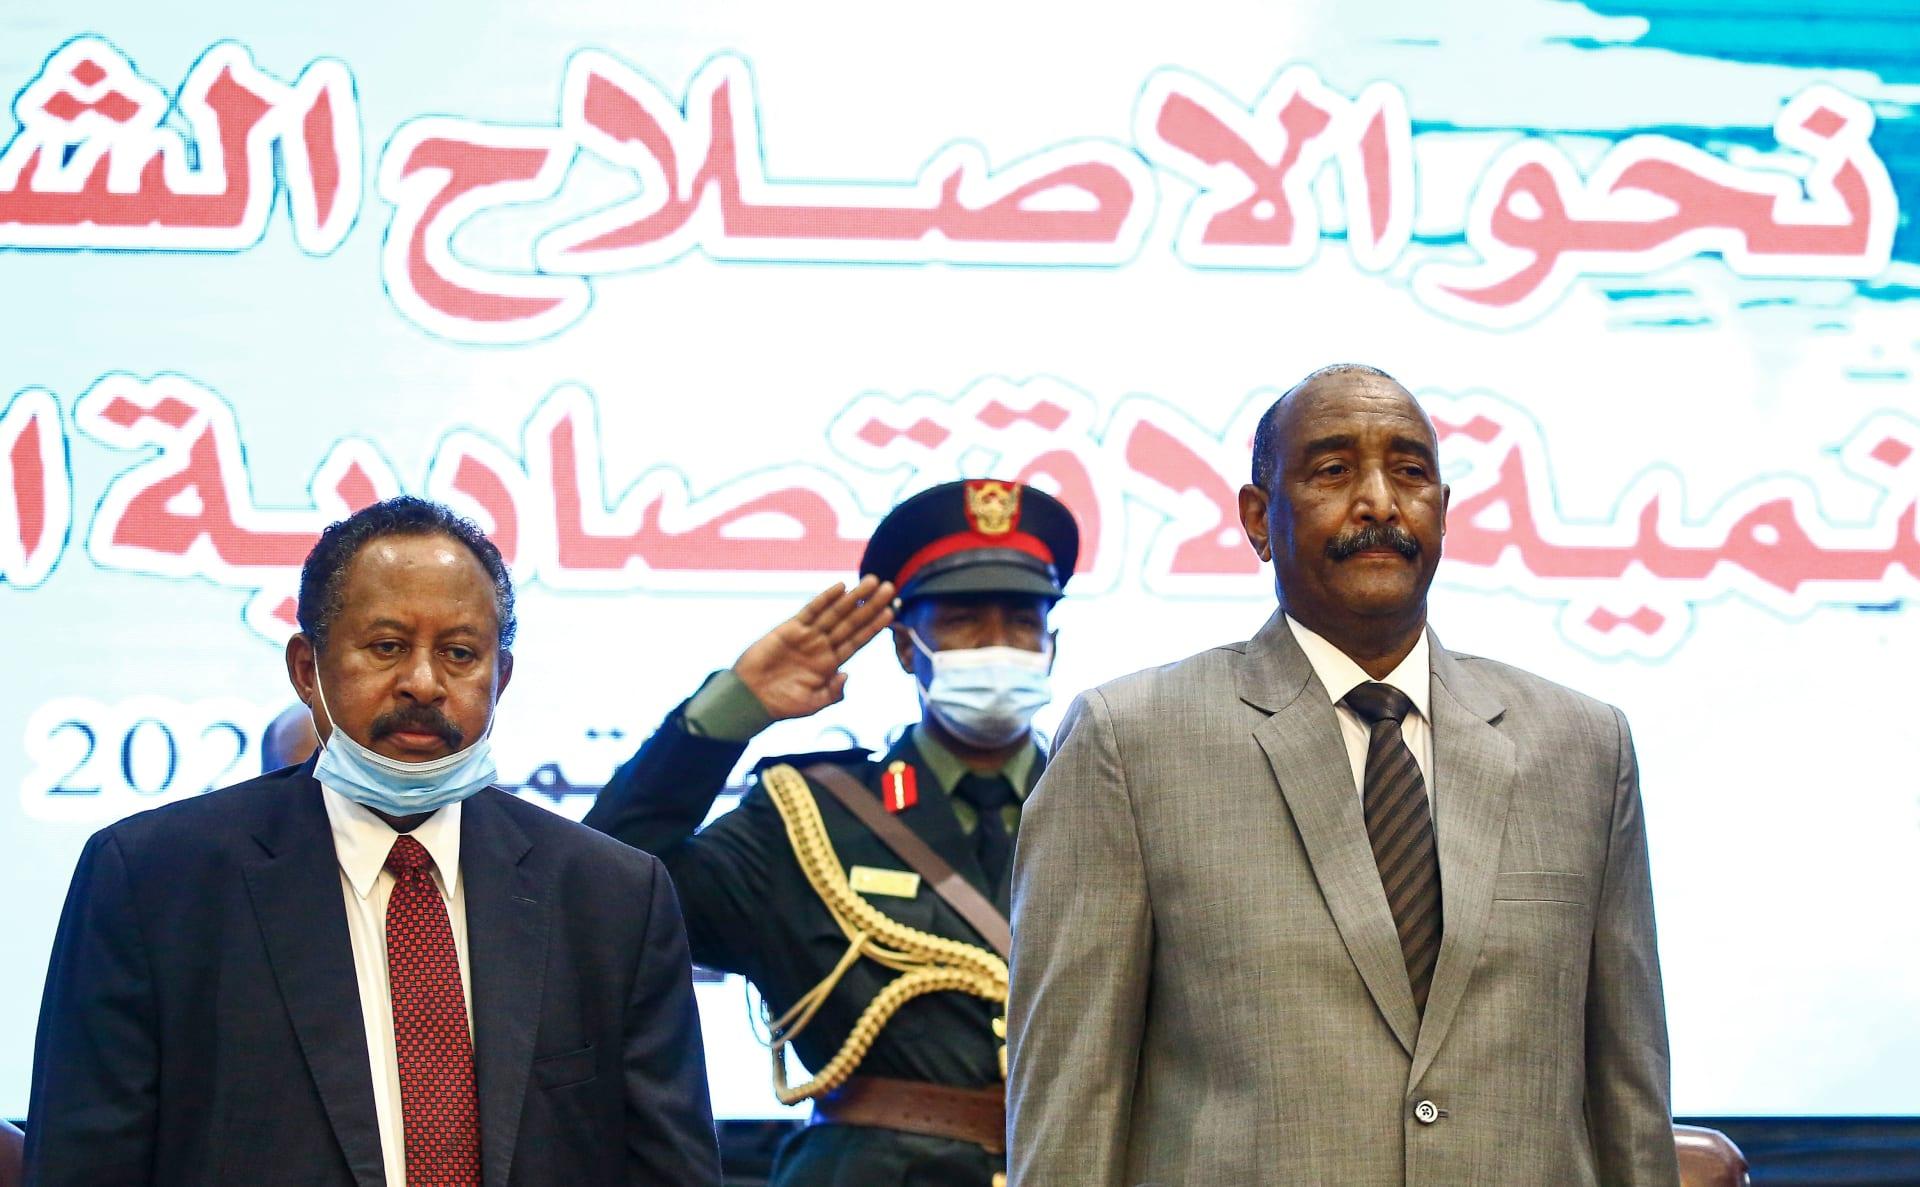 رئيس الوزراء السوداني عبد الله حمدوك ورئيس مجلس السيادة الفريق عبد الفتاح البرهان يحضران افتتاح المؤتمر الاقتصادي الوطني الأول بالعاصمة الخرطوم - 26 سبتمبر 2020